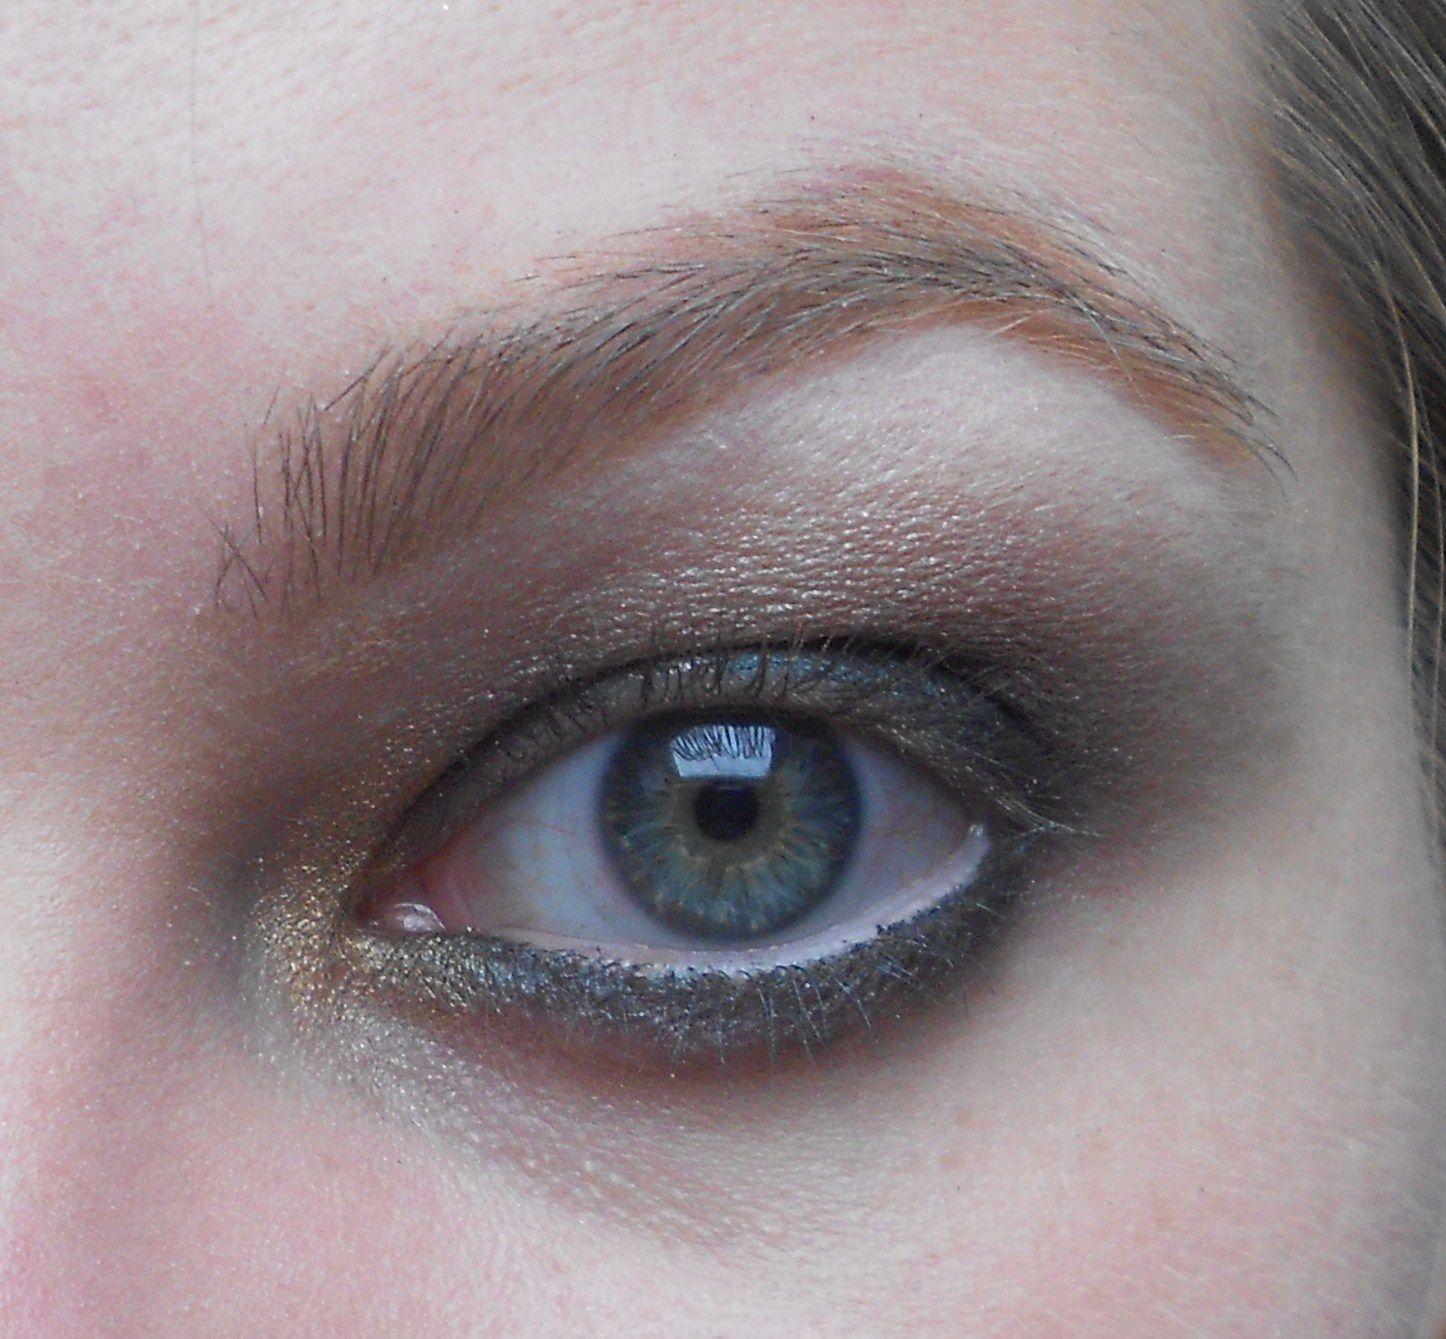 Avec un pinceau fin on prend la couleur Bare my soul et on l'applique en coin interne en remontant un peu dans le creux de l'oeil.